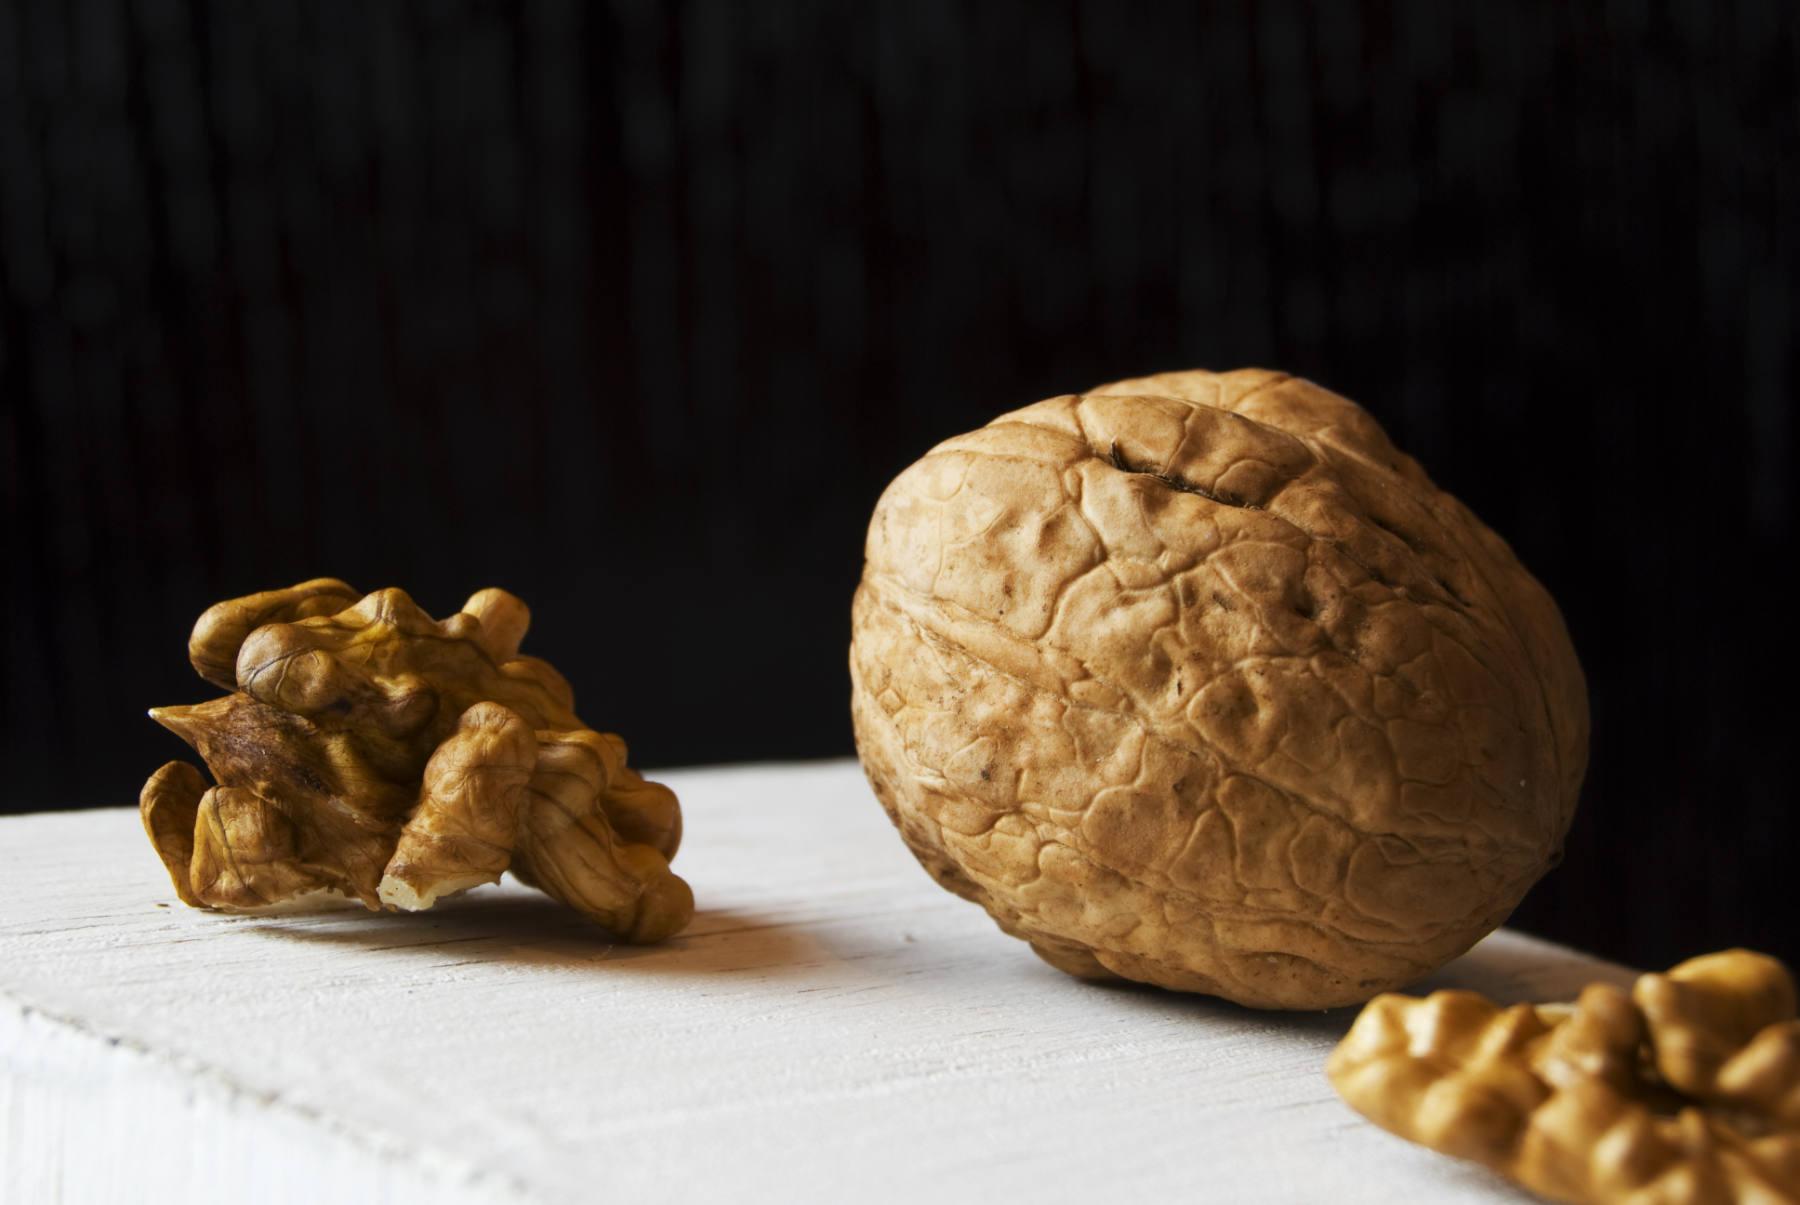 Manger des noix régule la faim